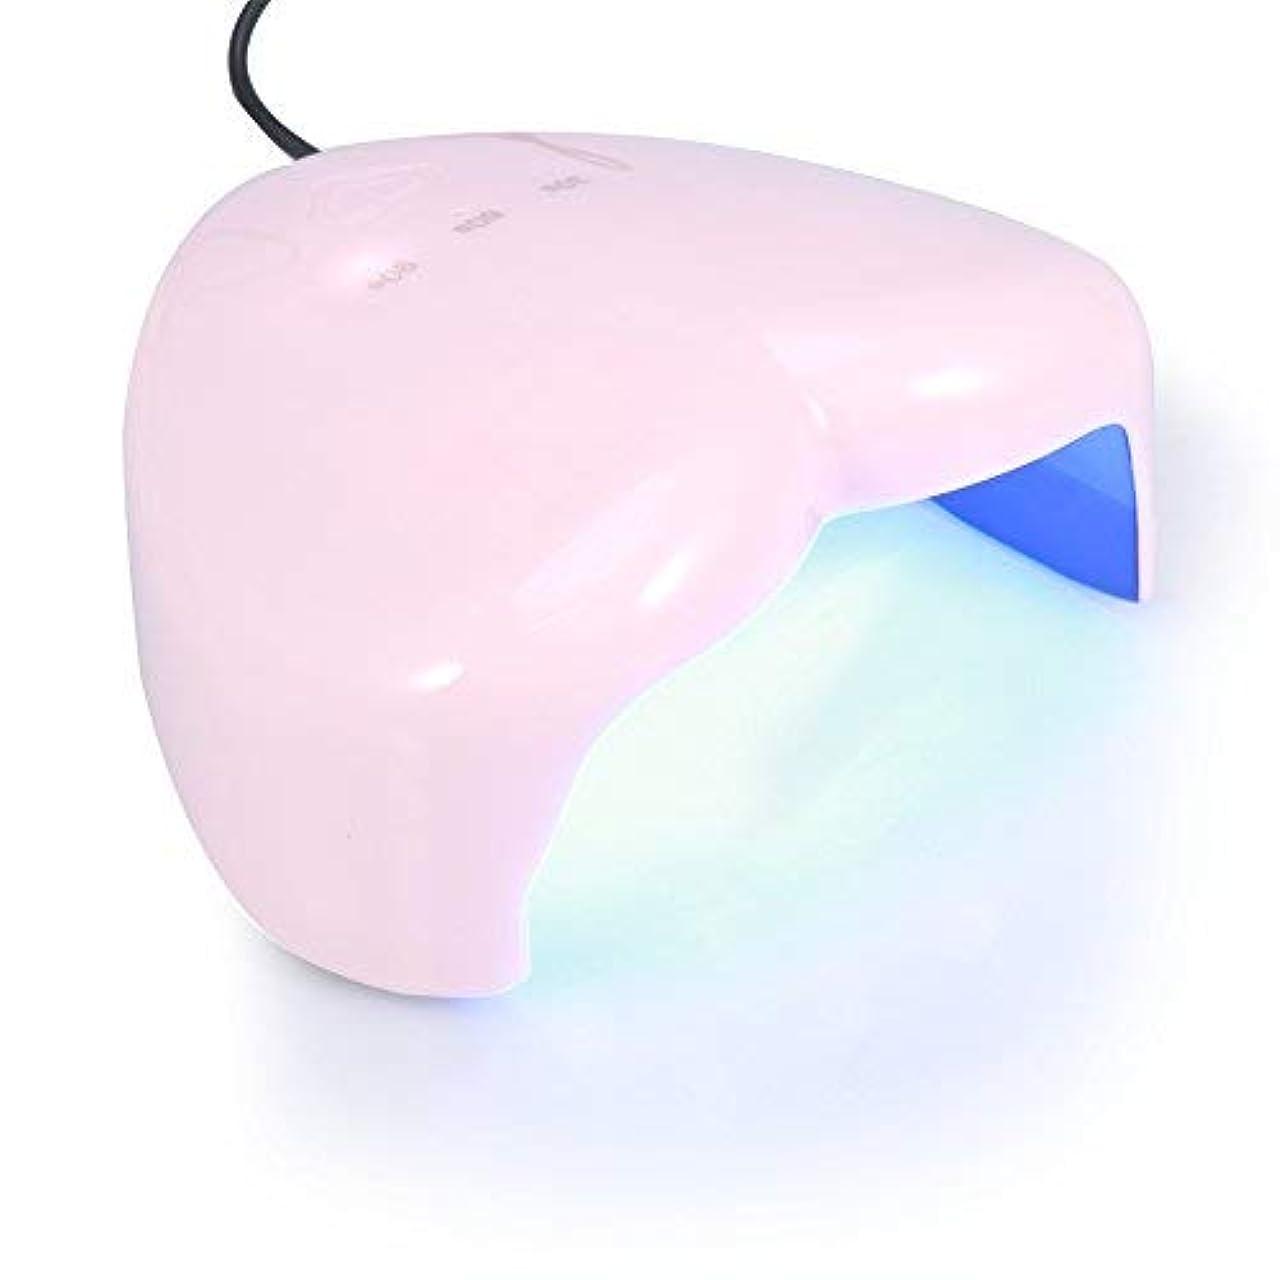 再集計逃げる海18W ハート型 UV LEDランプ ネイルドライヤー ネイルポーランドアートツール ネイル用硬化ランプ(ピンク)